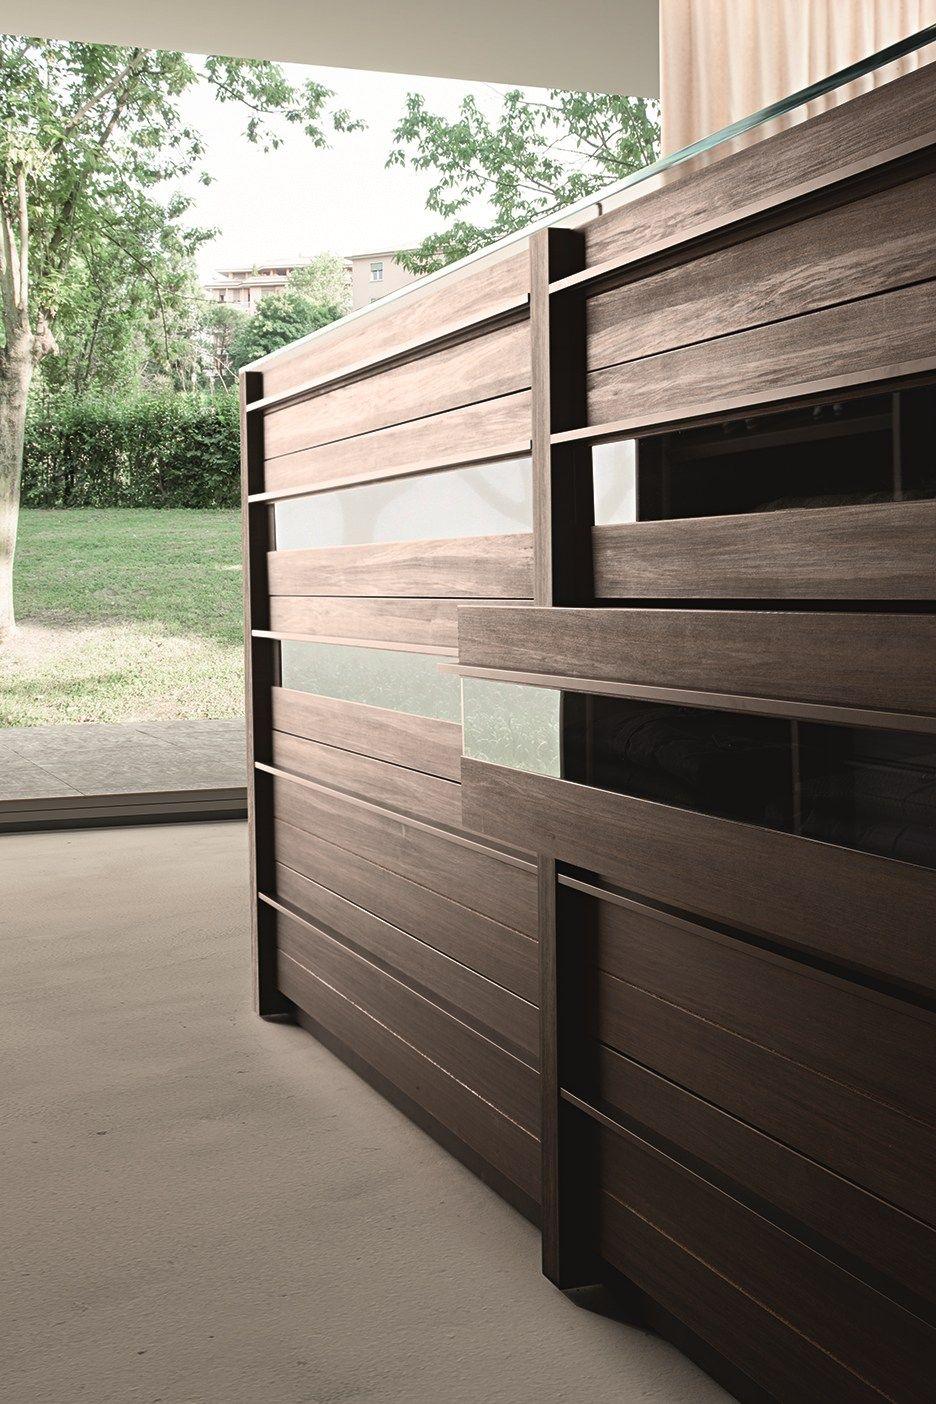 Cassettiera componibile in legno in stile moderno Cassettiera centrostanza Atollo by Presotto Industrie Mobili design CRS Presotto